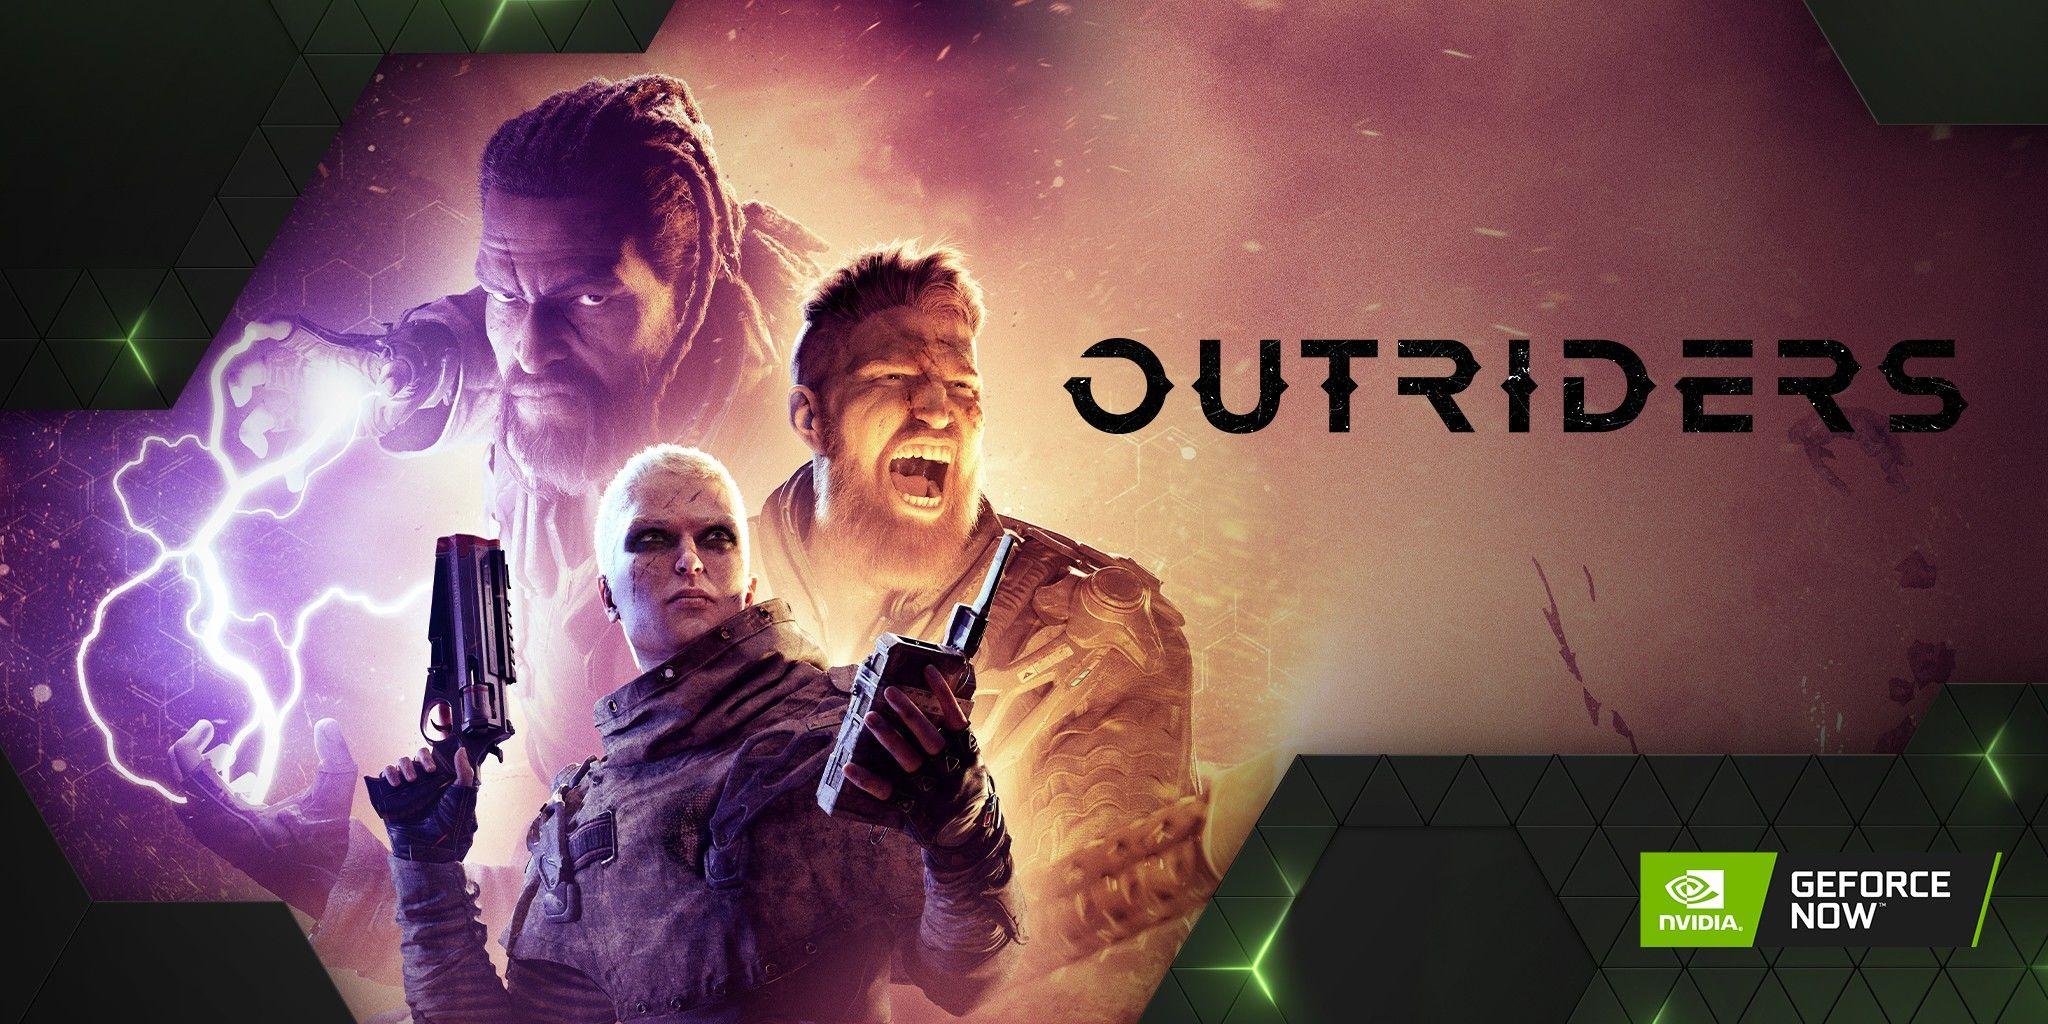 GeForce Now'a Outriders demosu dahil 12 oyun eklendi